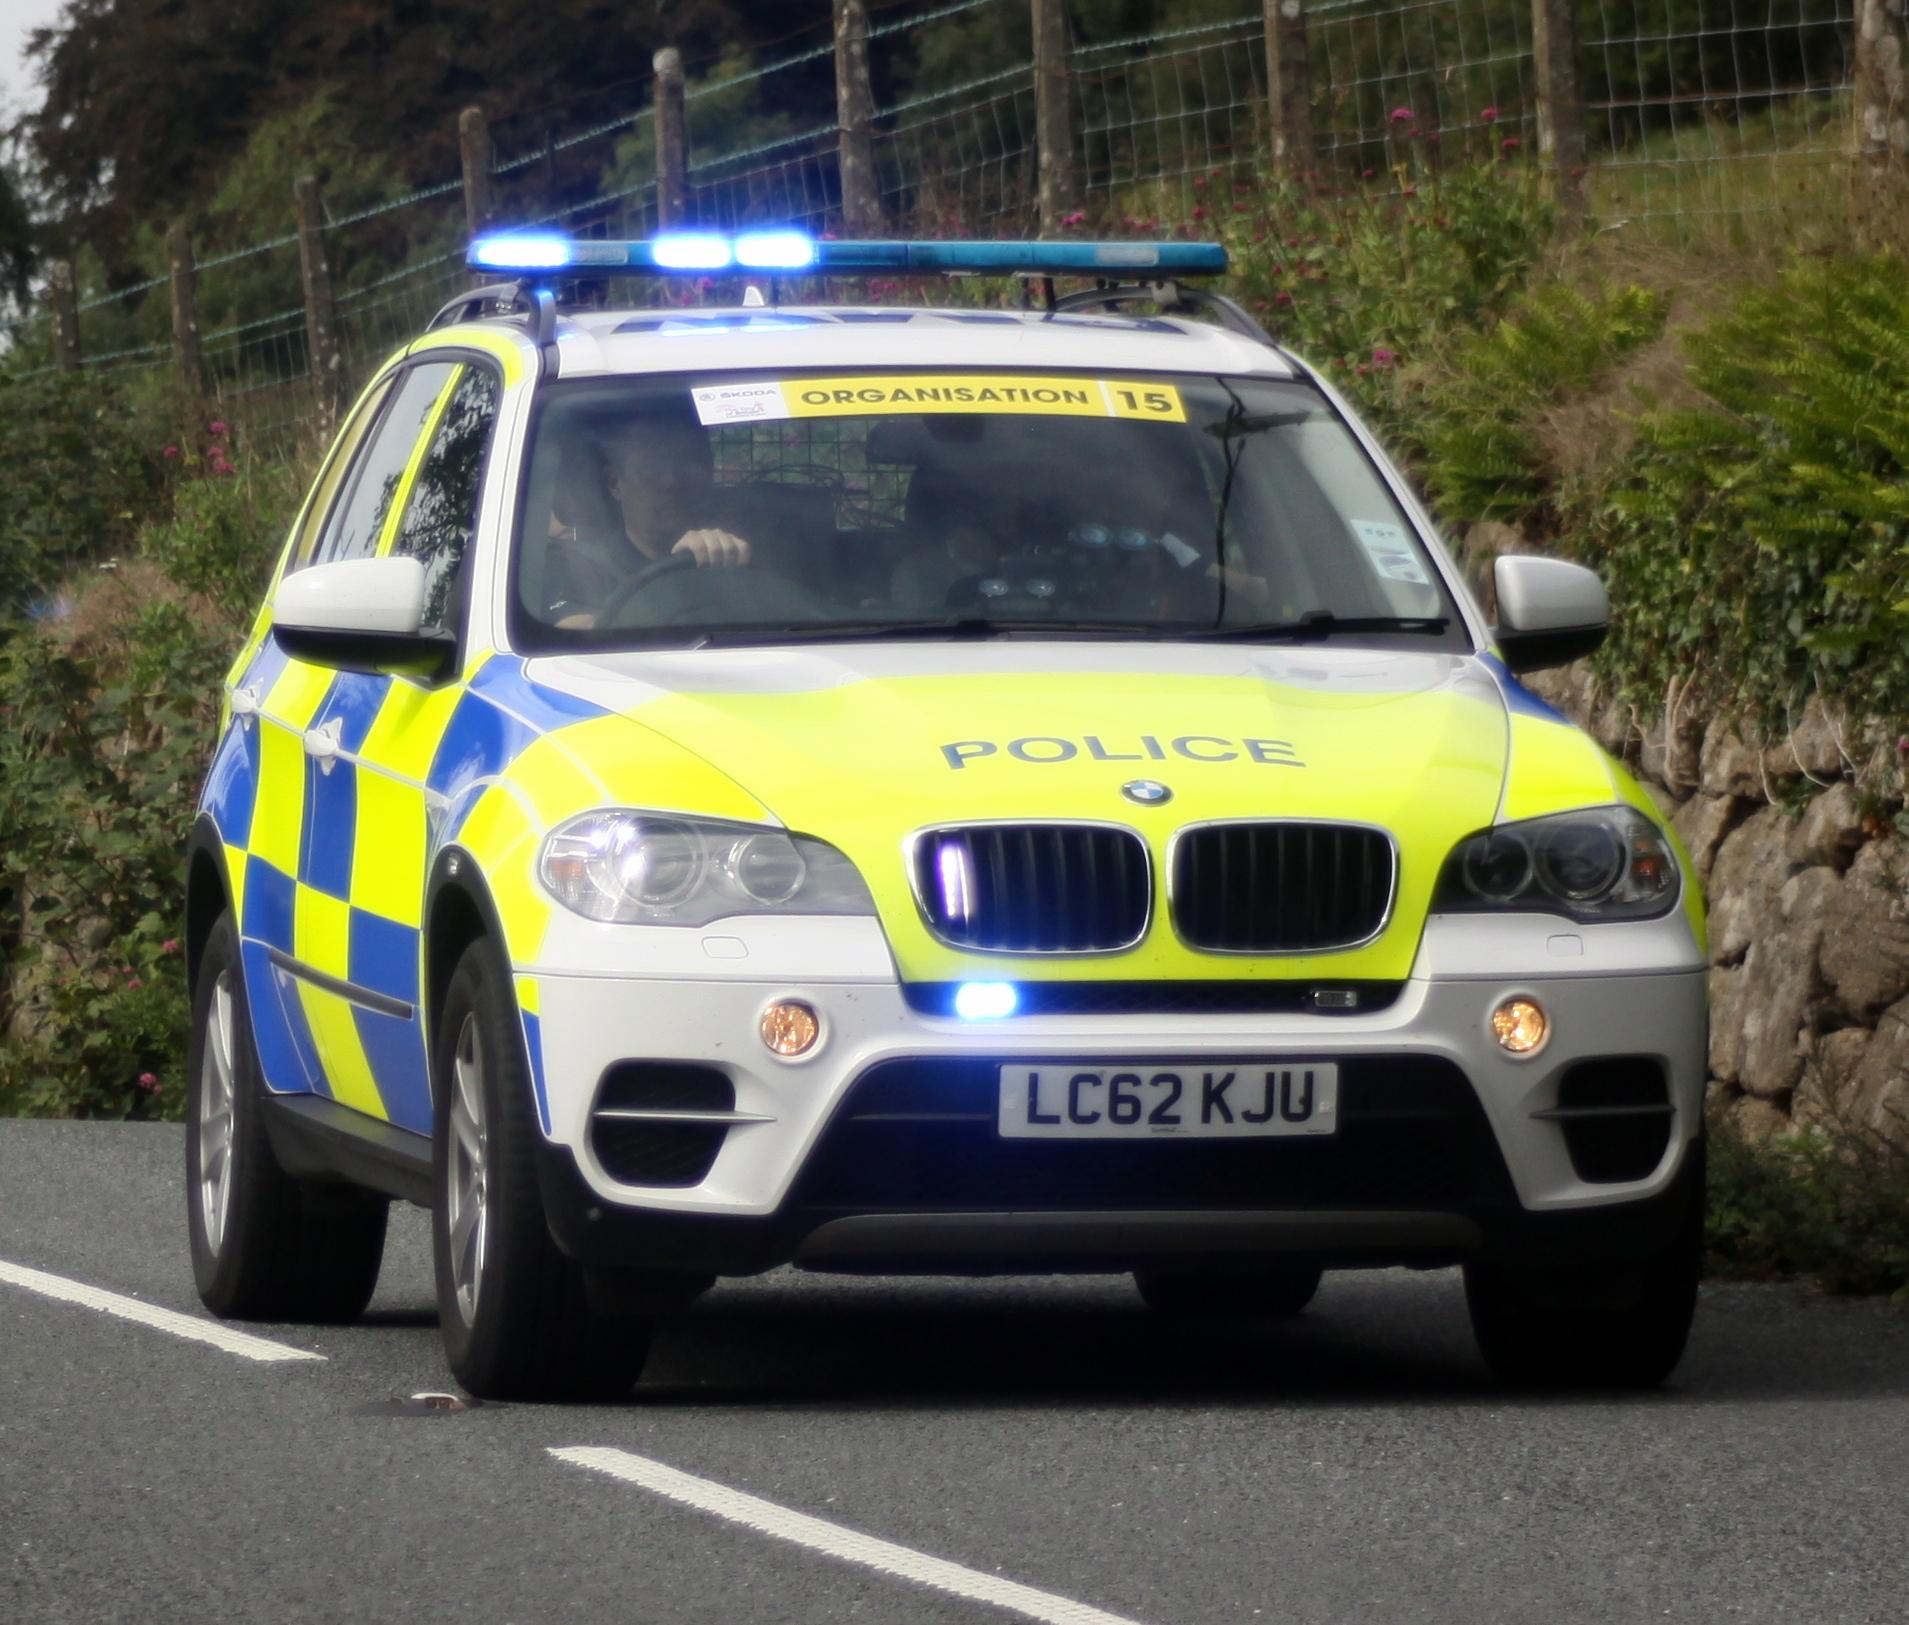 Police_BMW_X5.JPG